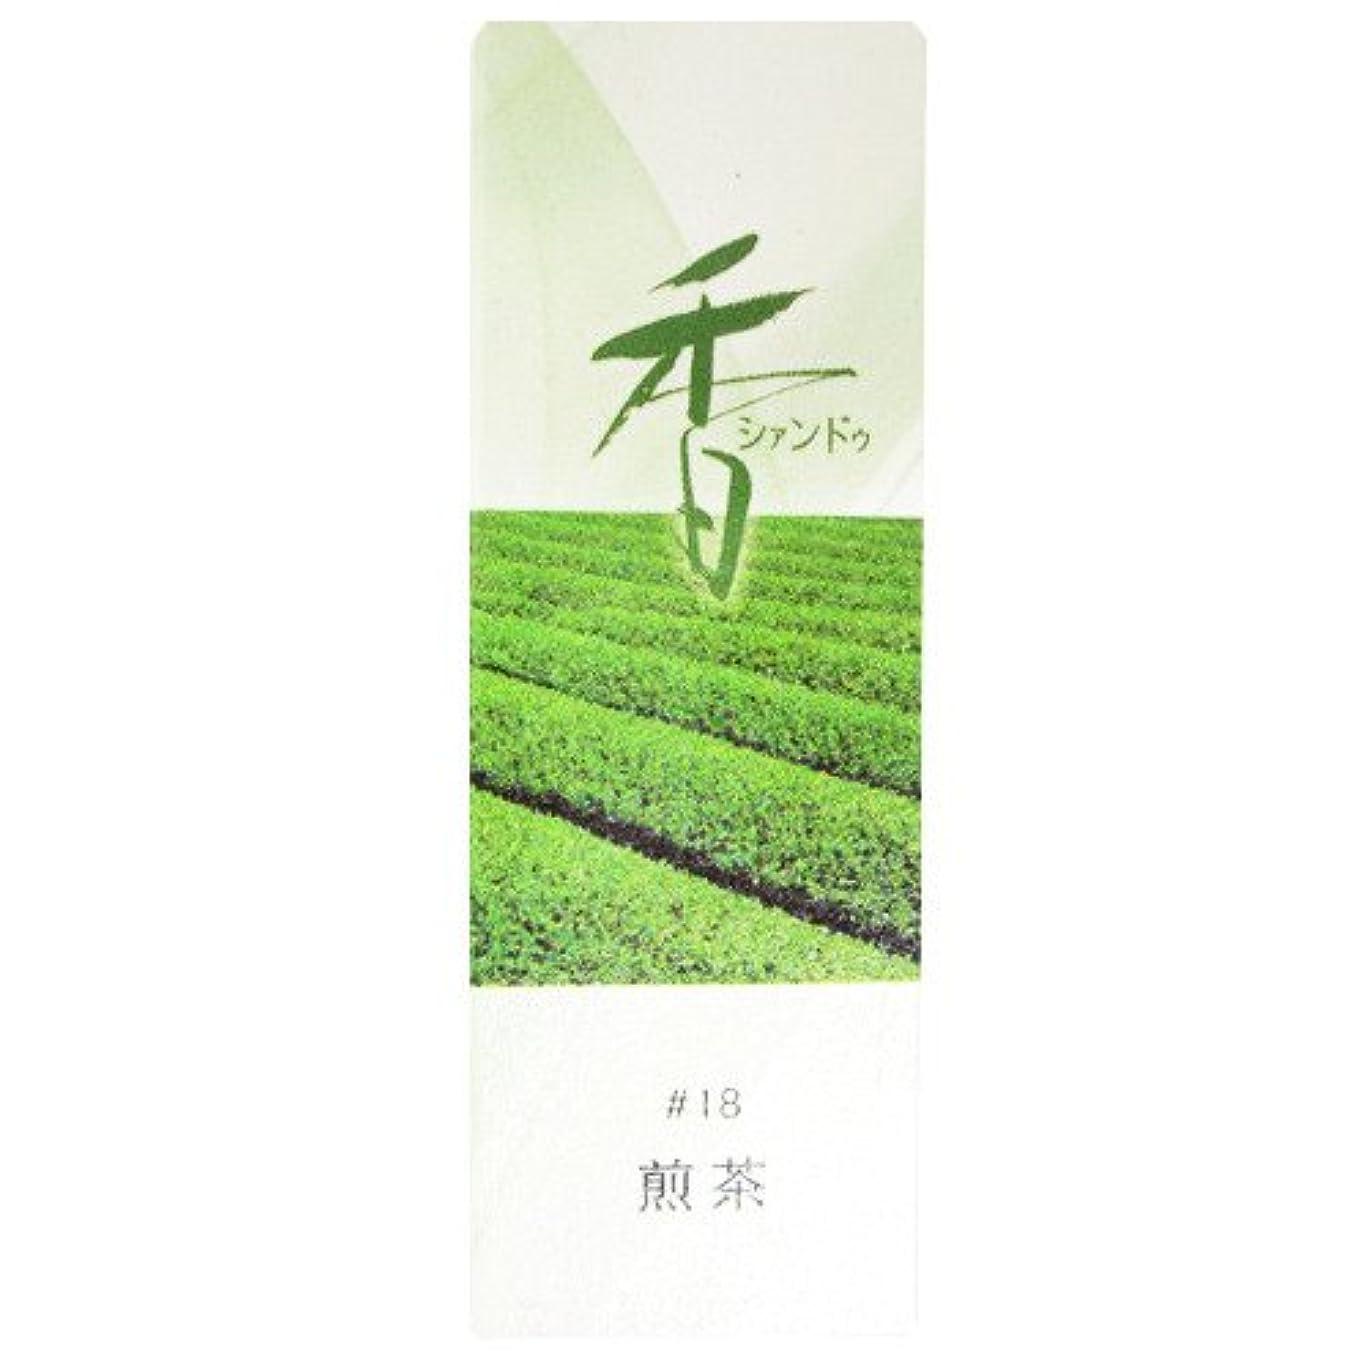 価格バッチノート松栄堂のお香 Xiang Do(シャンドゥ) 煎茶 ST20本入 簡易香立付 #214218